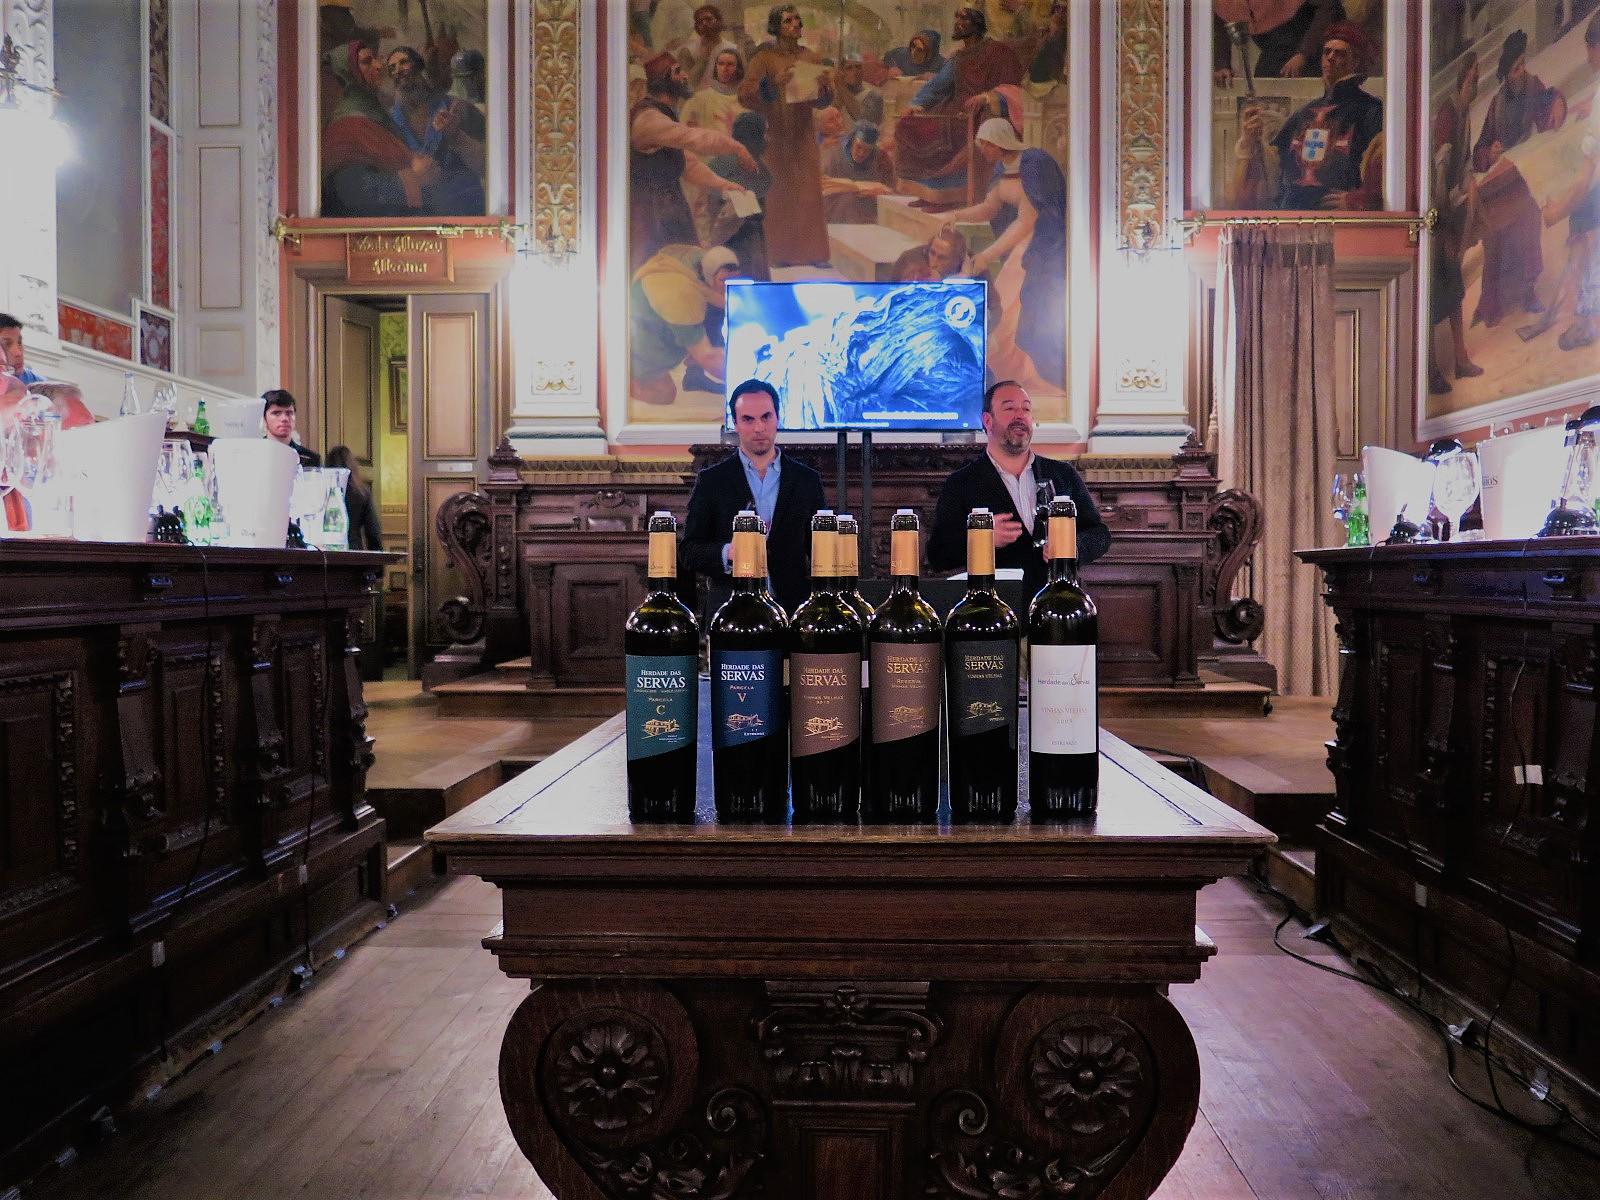 """Enólogo Ricardo Constantino e produtor Luís Serrano Mira na Sala do Tribunal do Palácio da Bolsa, no Porto, durante a prova comentada """"Herdade das Servas: a estreia do Carignan e a consolidação das vinhas velhas"""""""